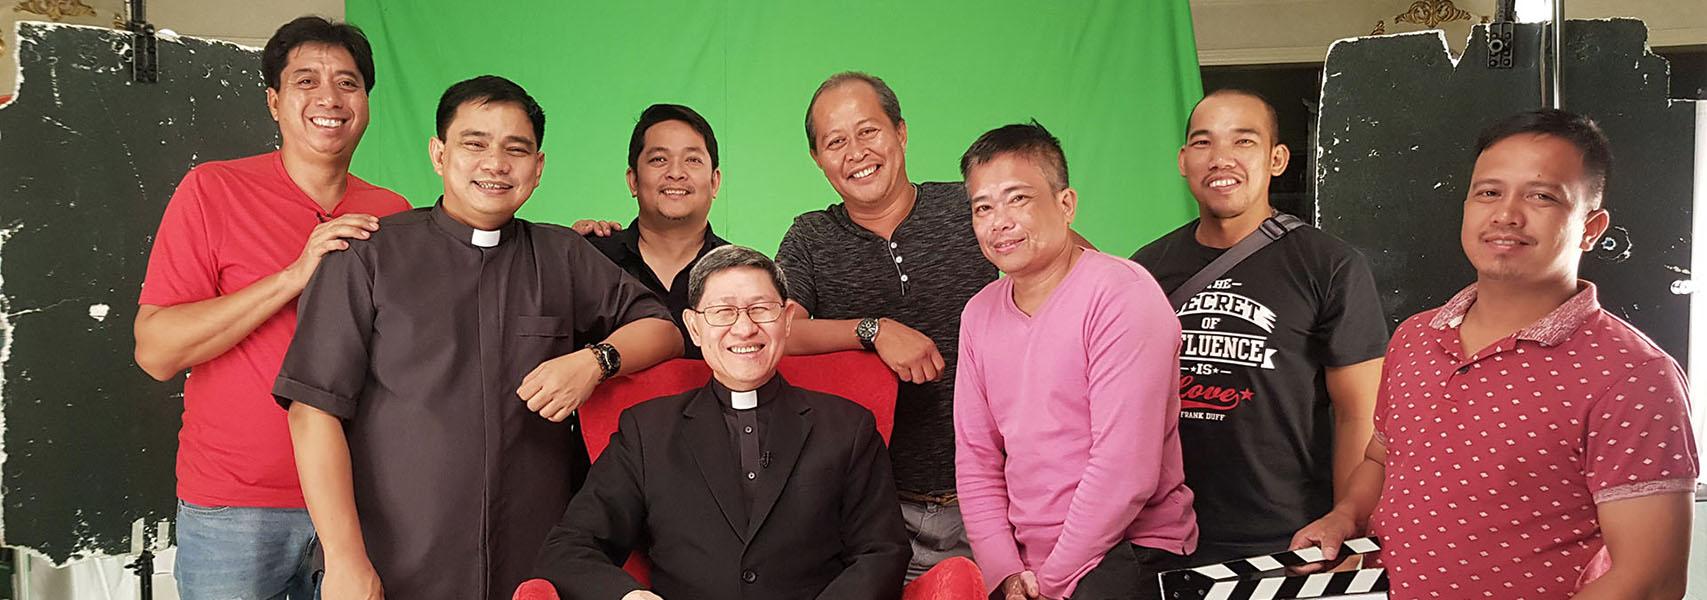 El Cardenal Tagle: la evangelización a través de los medios de comunicación